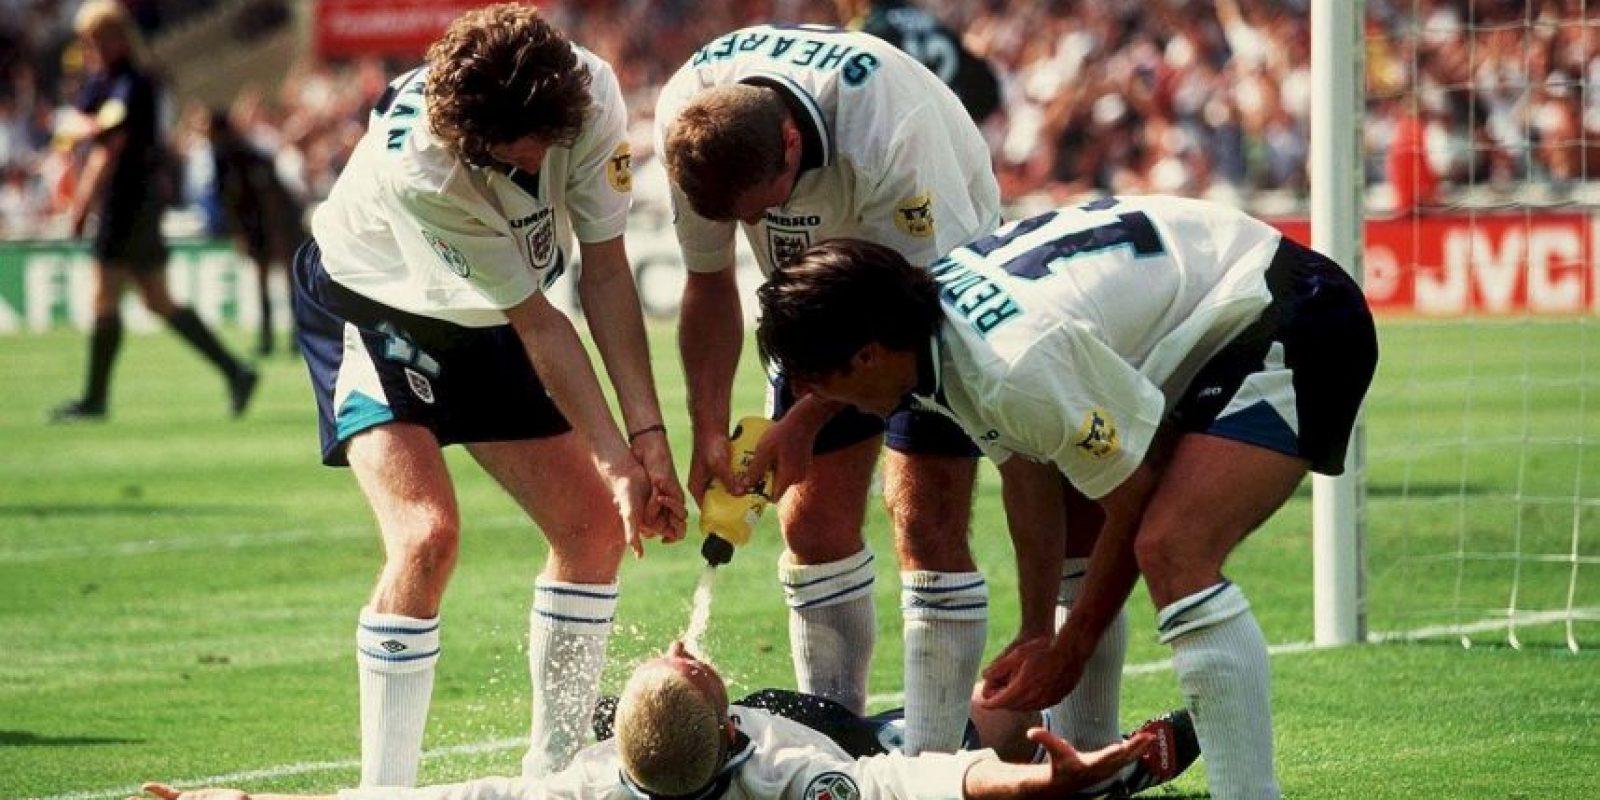 Previo a la Euro 1996, la prensa británica publicó fotos de Gascoigne, Sheringham e Ince bebiendo alcohol y así festejaron un gol en esta celebración. Foto:Getty Images